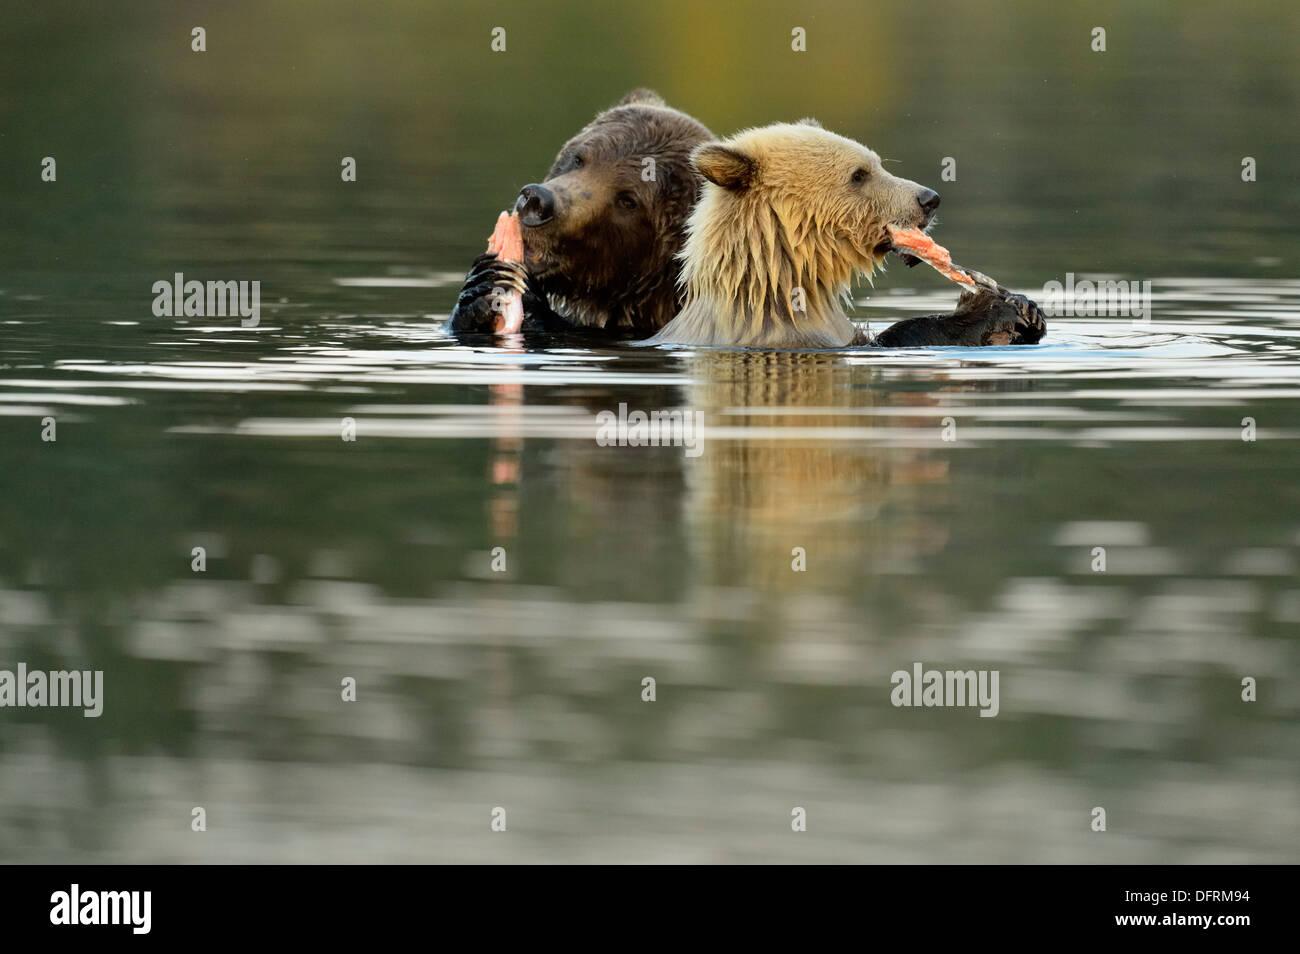 Orso grizzly, Ursus arctos, primo anno cucciolo bianco e marrone alimentazione madre sul salmone, Chilcotin deserto, BC interno, Canada Immagini Stock